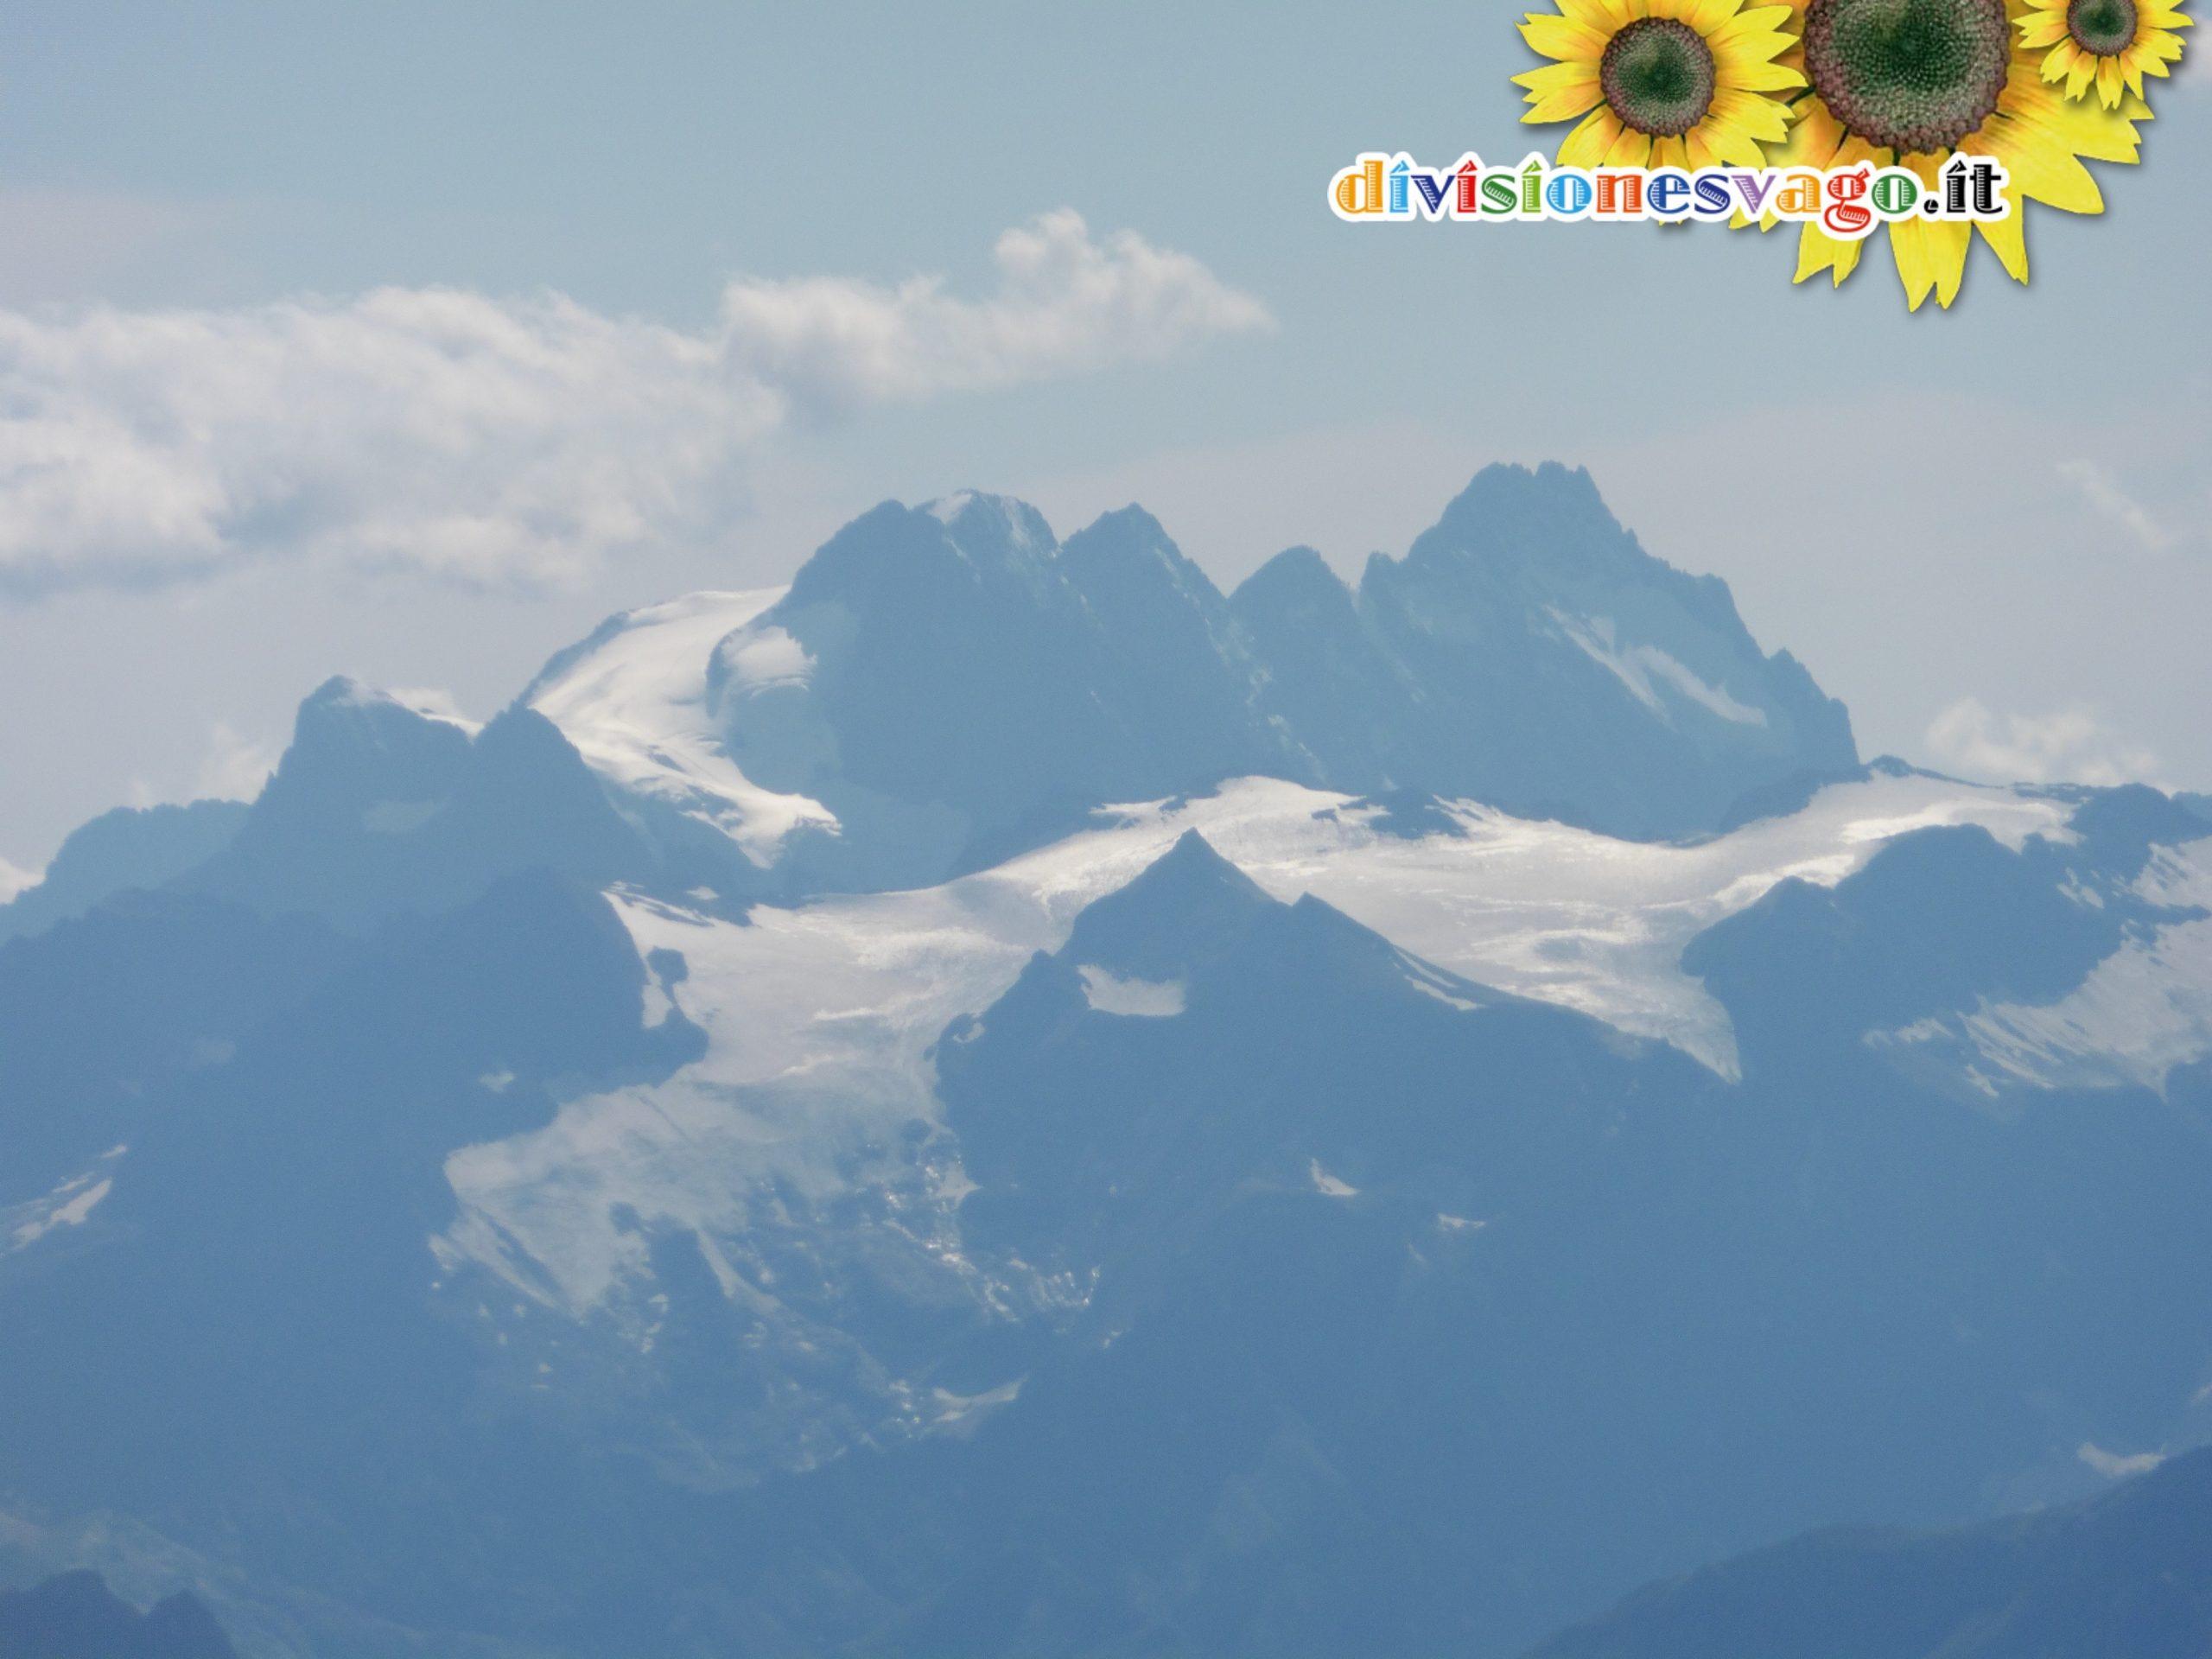 Monte Pelvoux, Pic Sans Nom, Pic du Coup de Sabre, Ailefroide Orientale, Ailefroide Centale, Ailefroide Occidentale